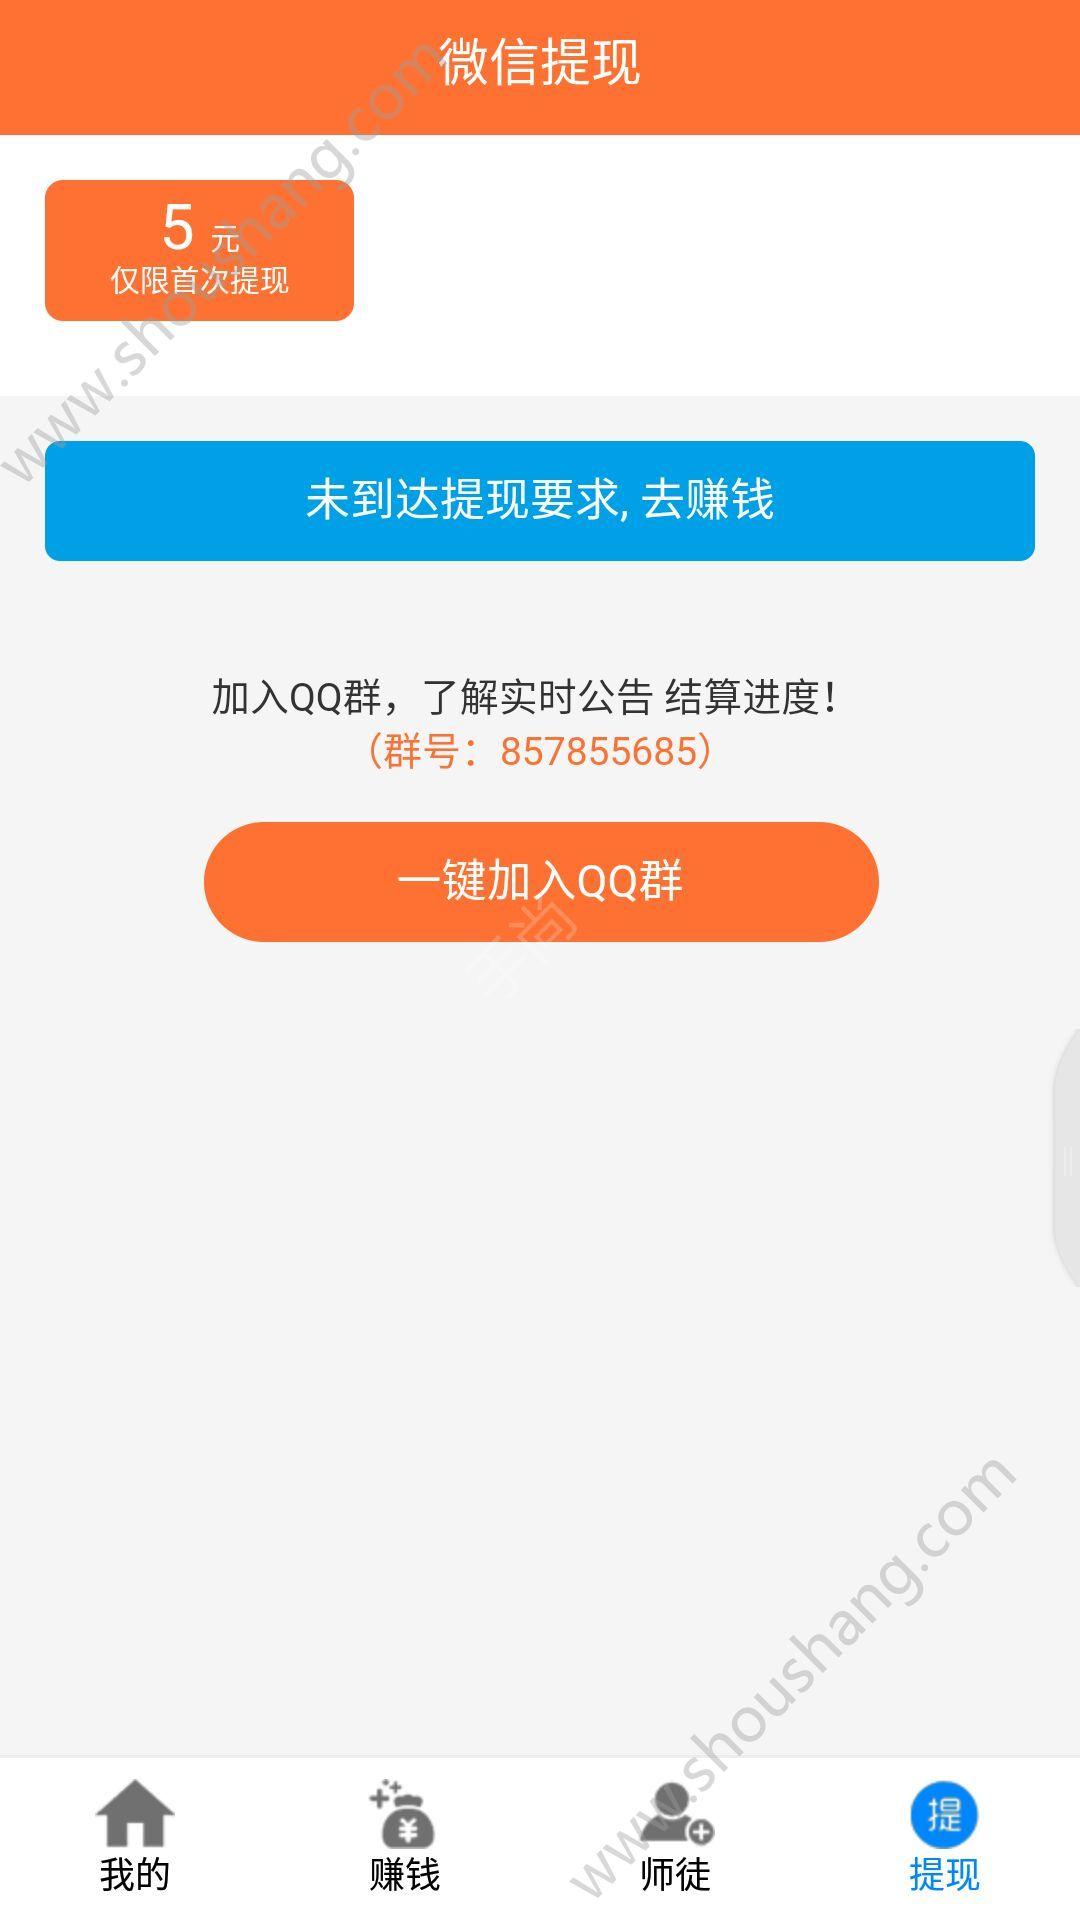 飞猪慧赚app图片2